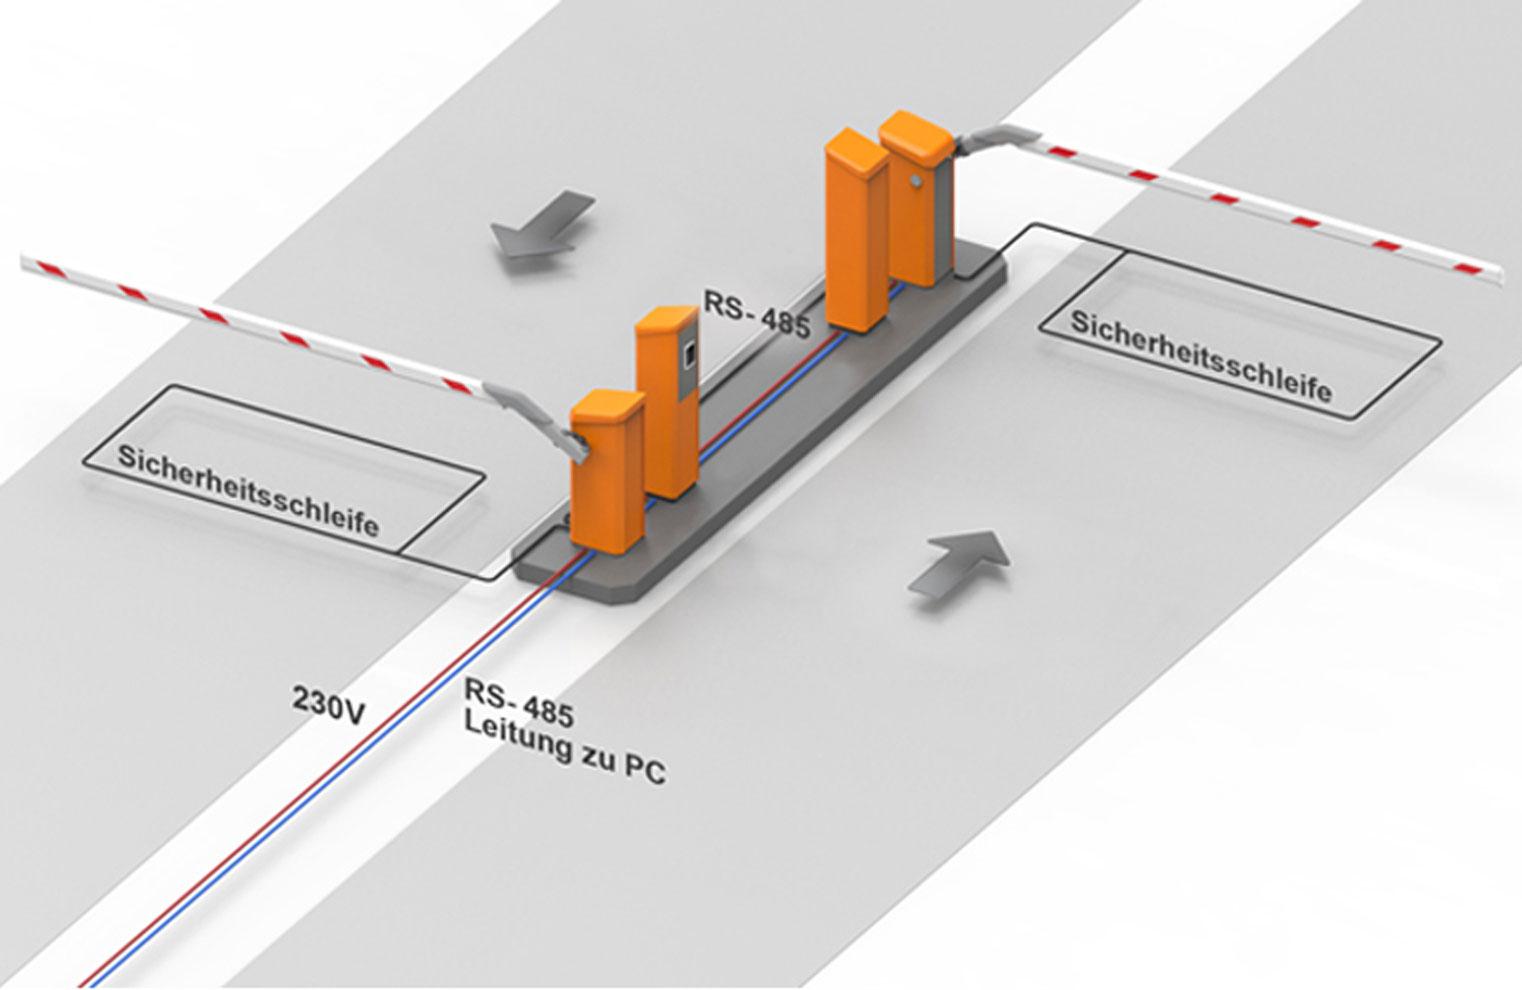 RFID - Eine Schranke mit zwei RFID Lesern im Gehäuse